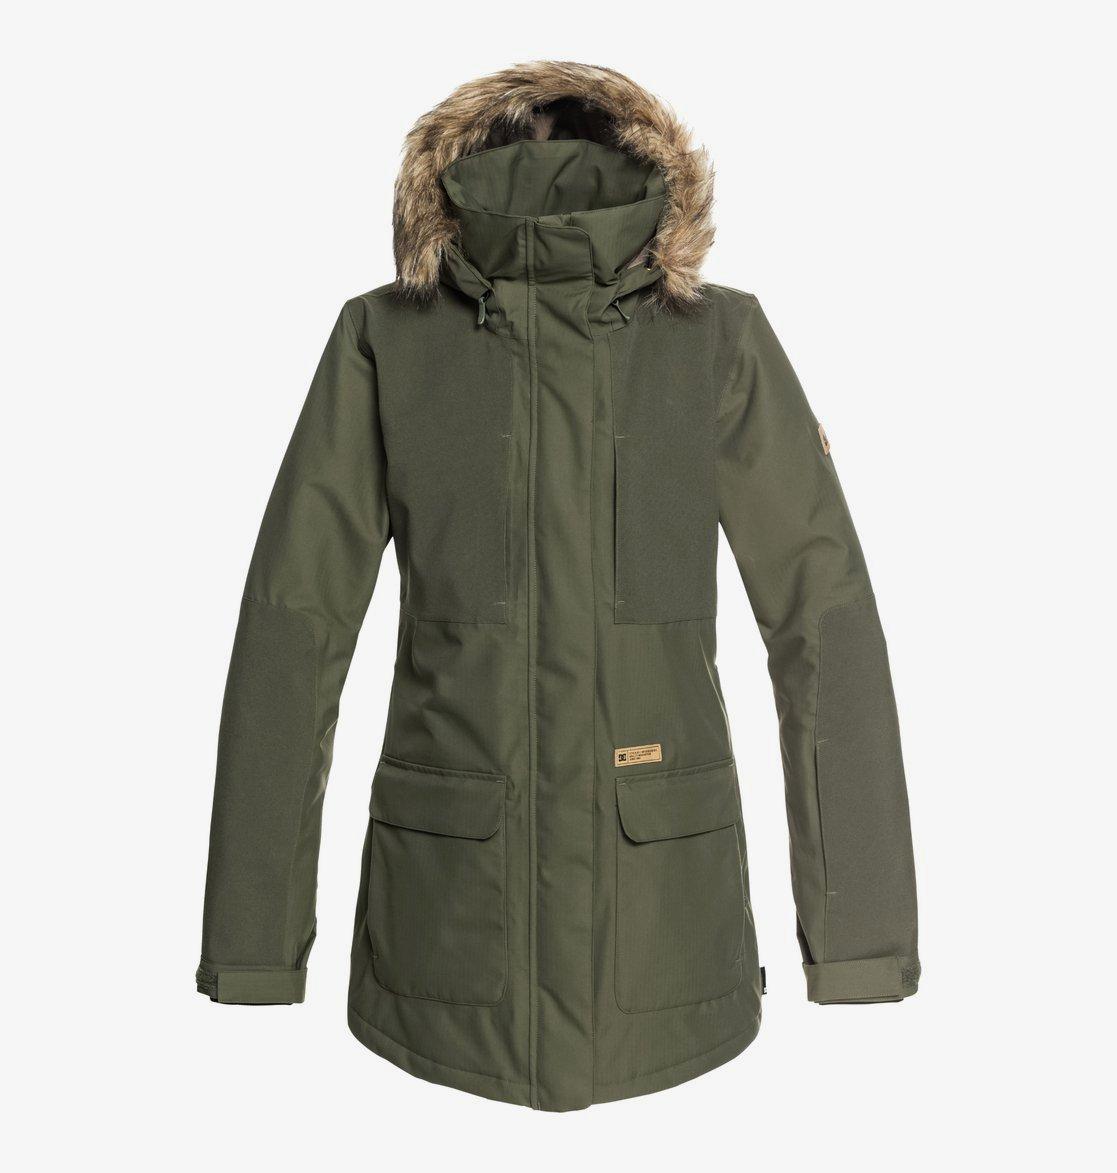 vente chaude en ligne 70c0f 7f82c Panoramic - Parka de snow pour Femme